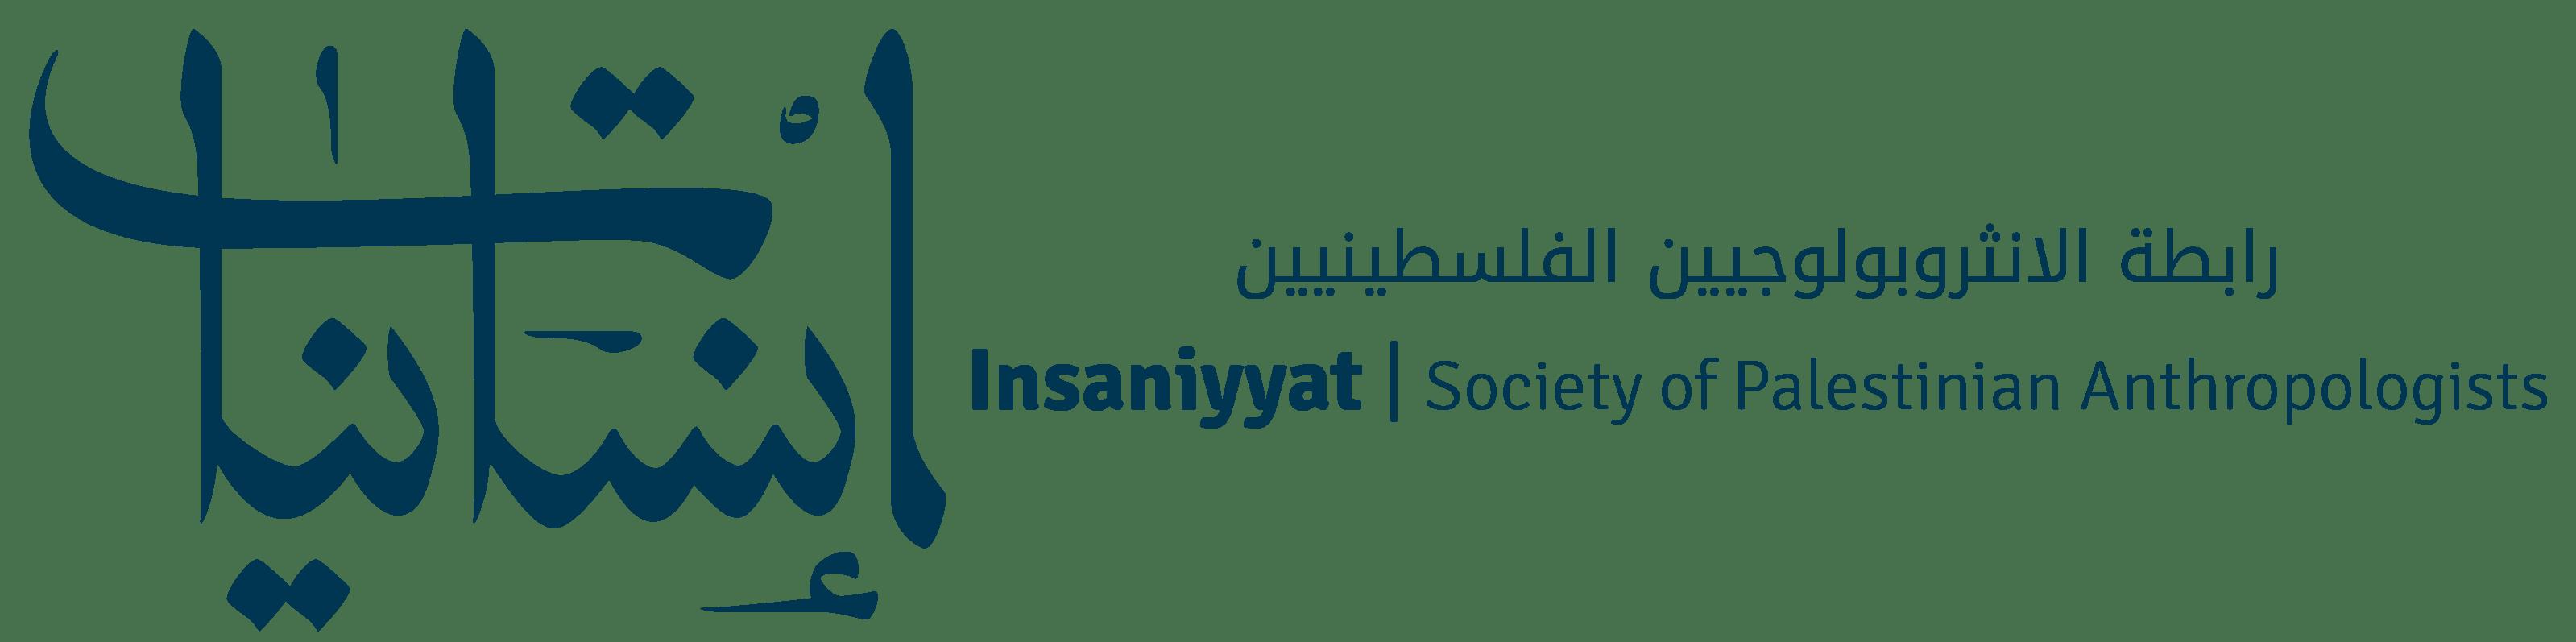 Insaniyyat_logo2